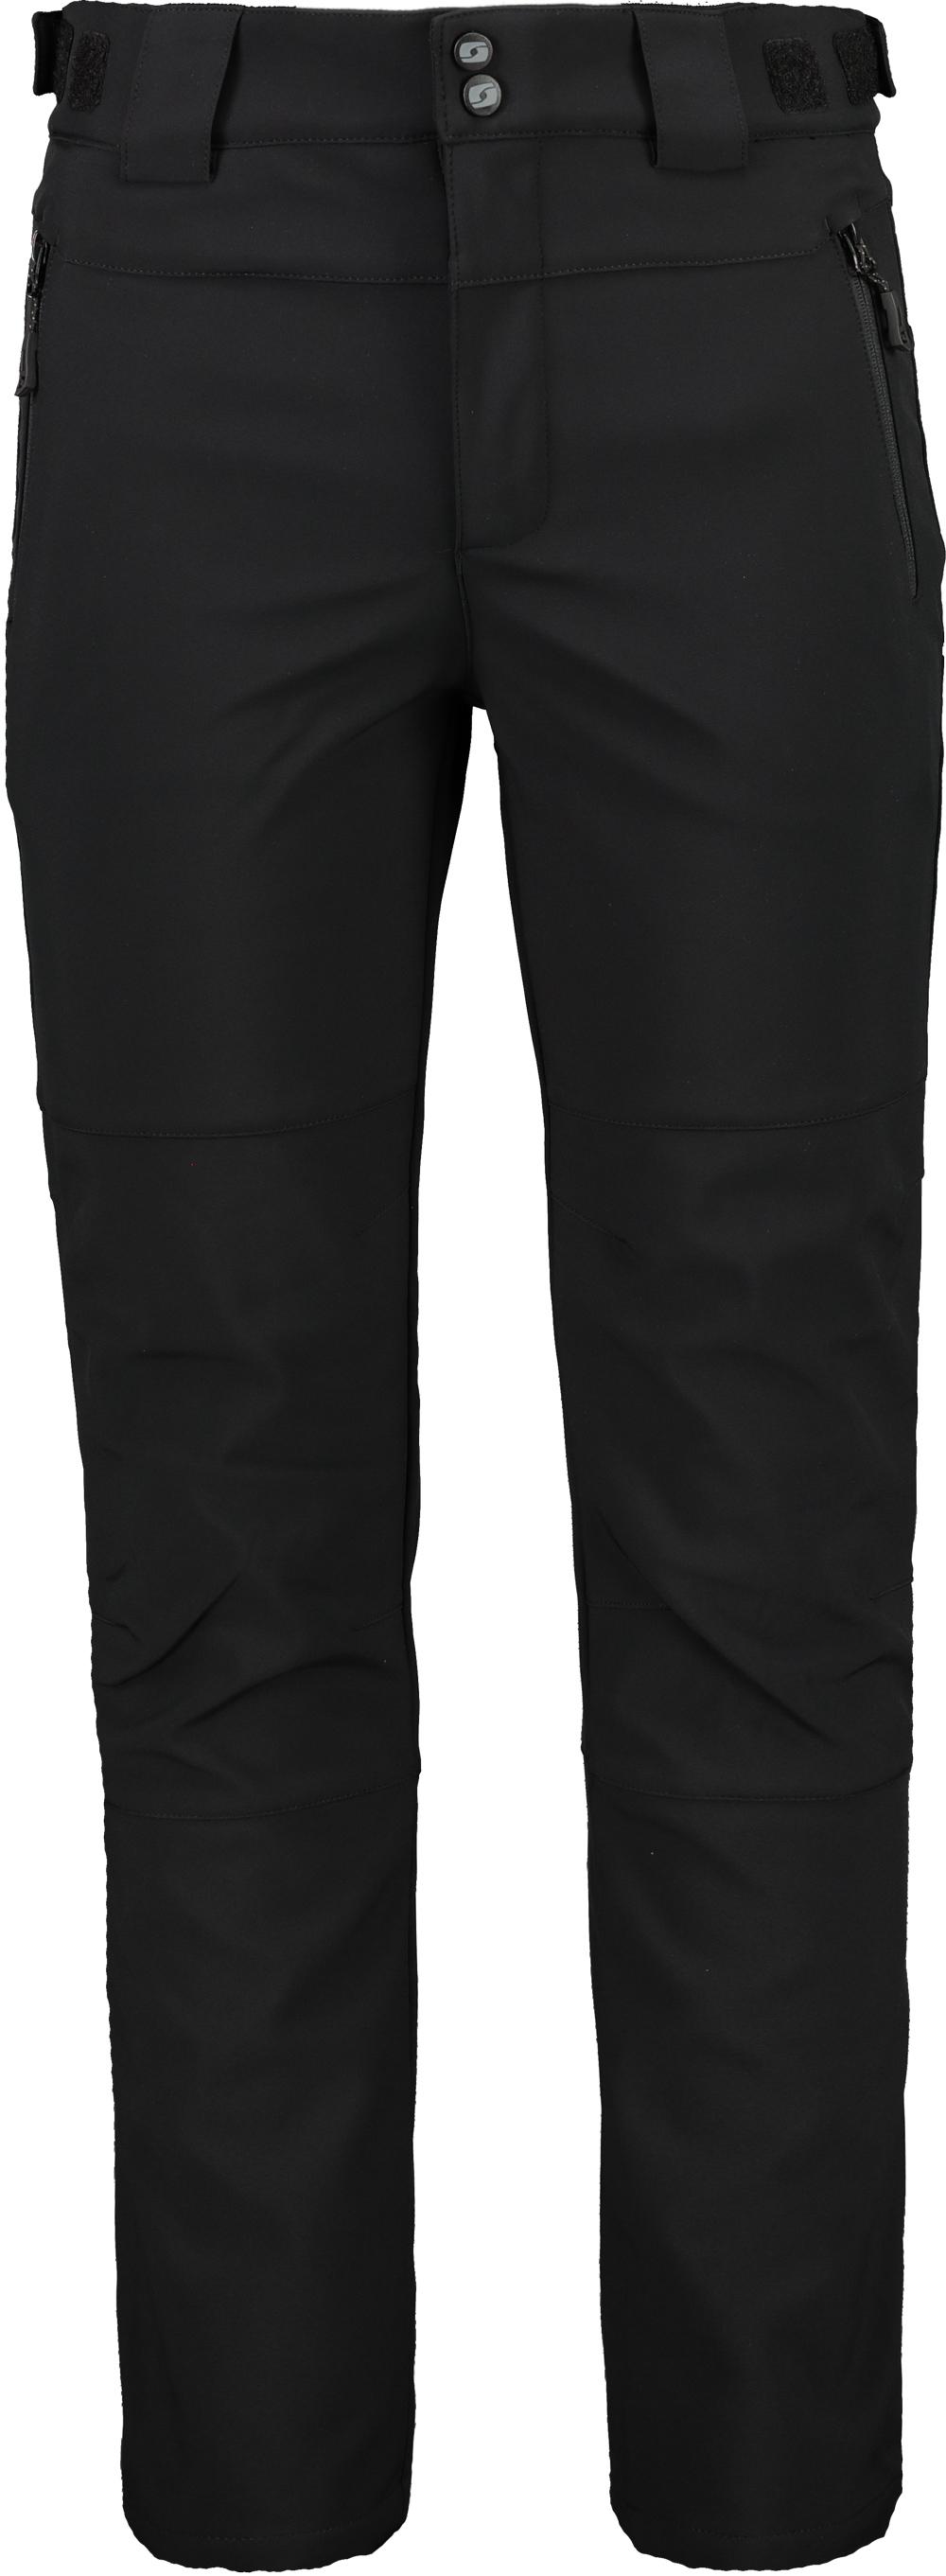 Nohavice softshellové pánske LOAP LYGER